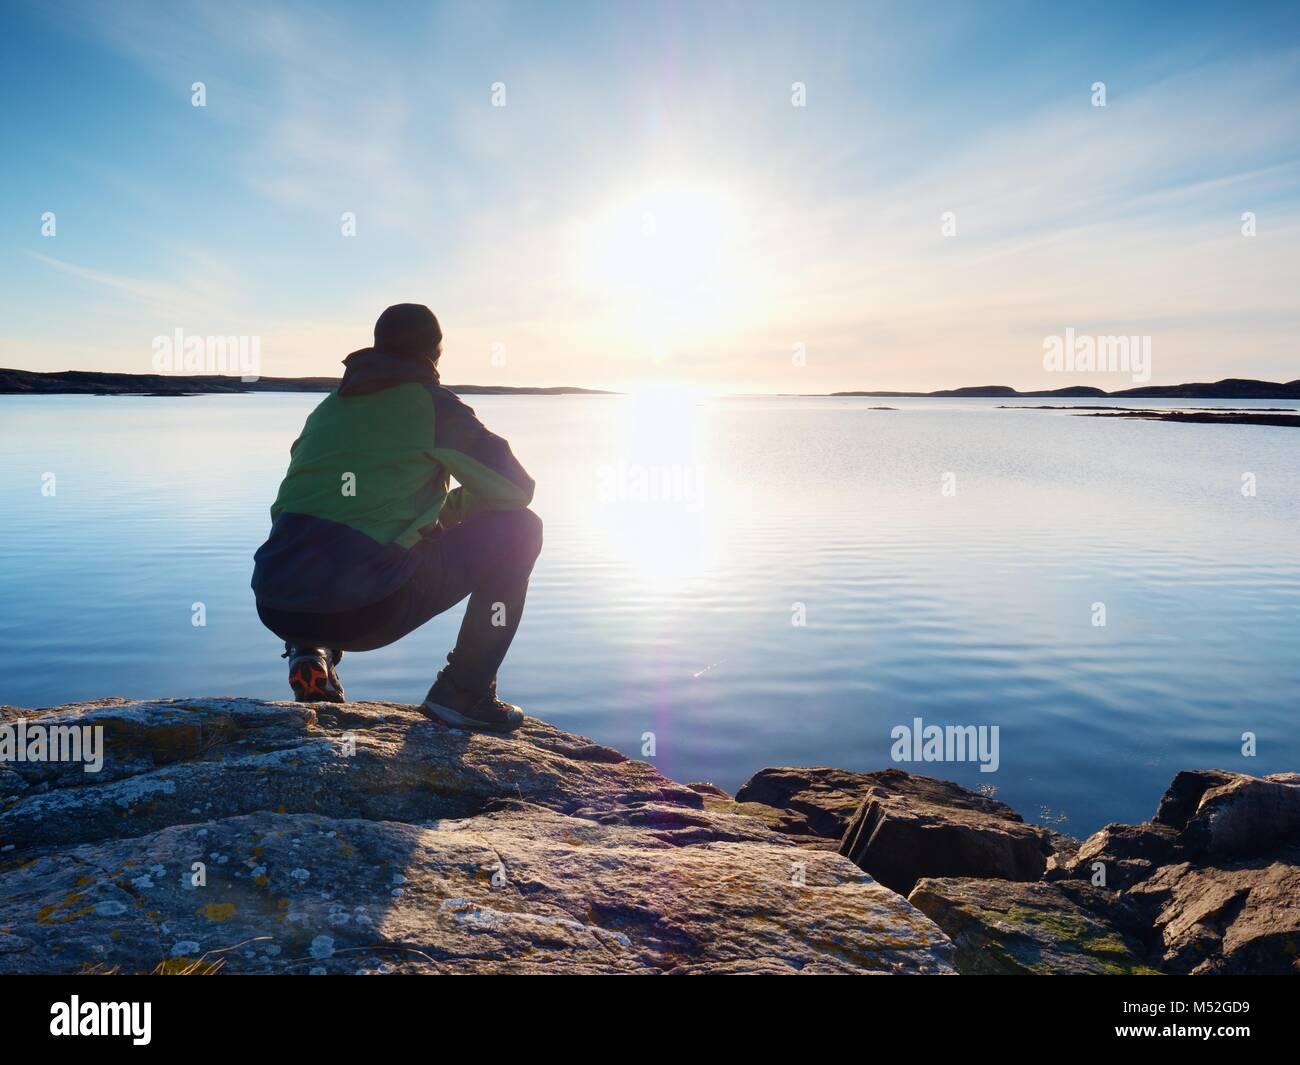 Uomo solitario escursionista si siede da solo sulla costa rocciosa e godersi il tramonto. Vista sulla scogliera rocciosa di oceano libero Foto Stock